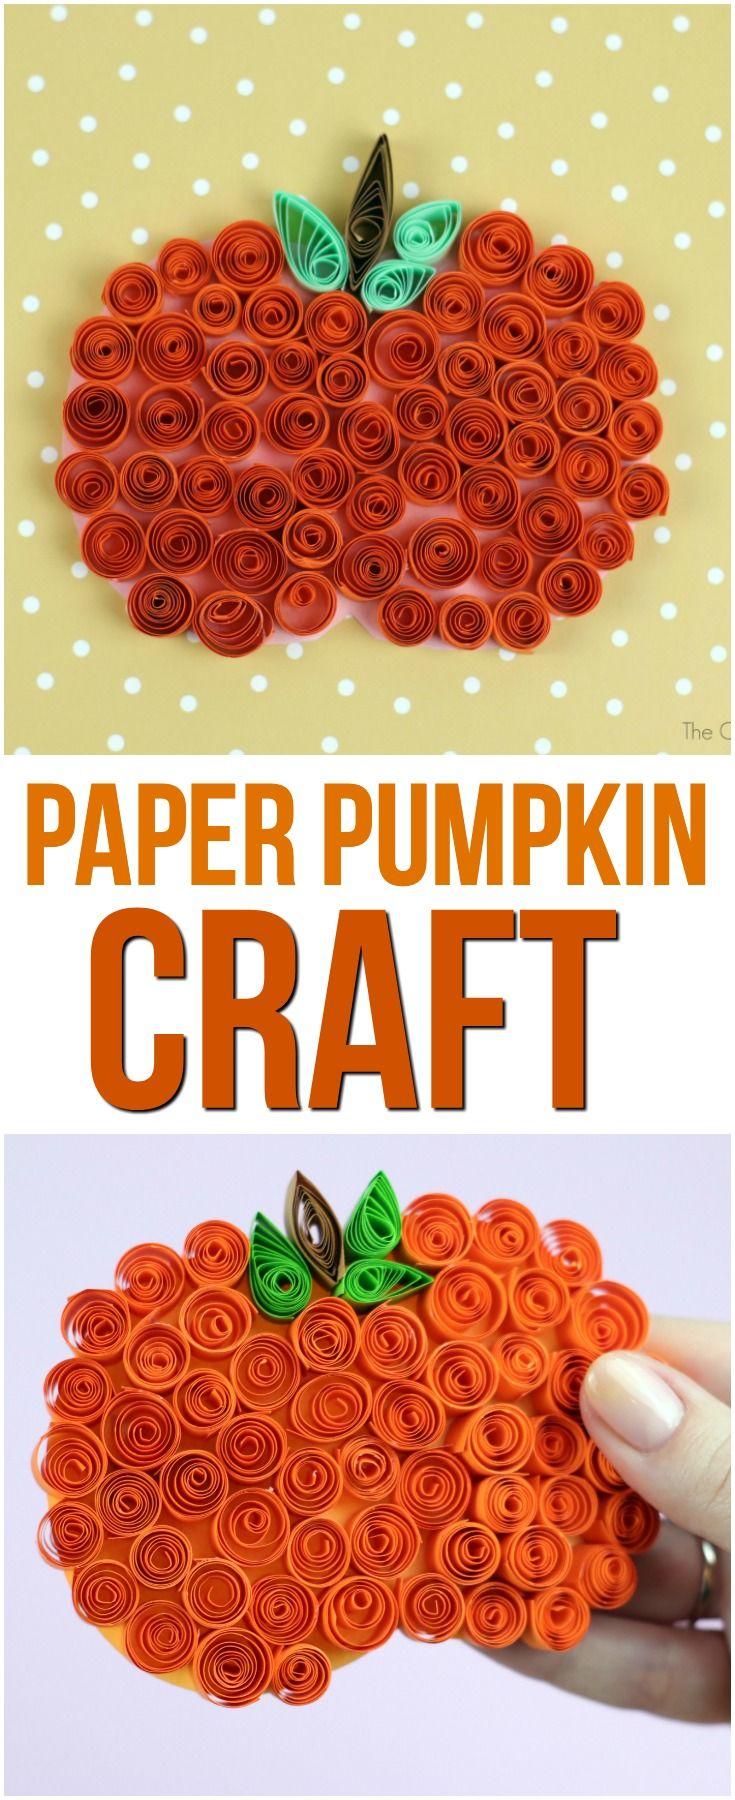 36+ Paper pumpkin craft tutorial ideas